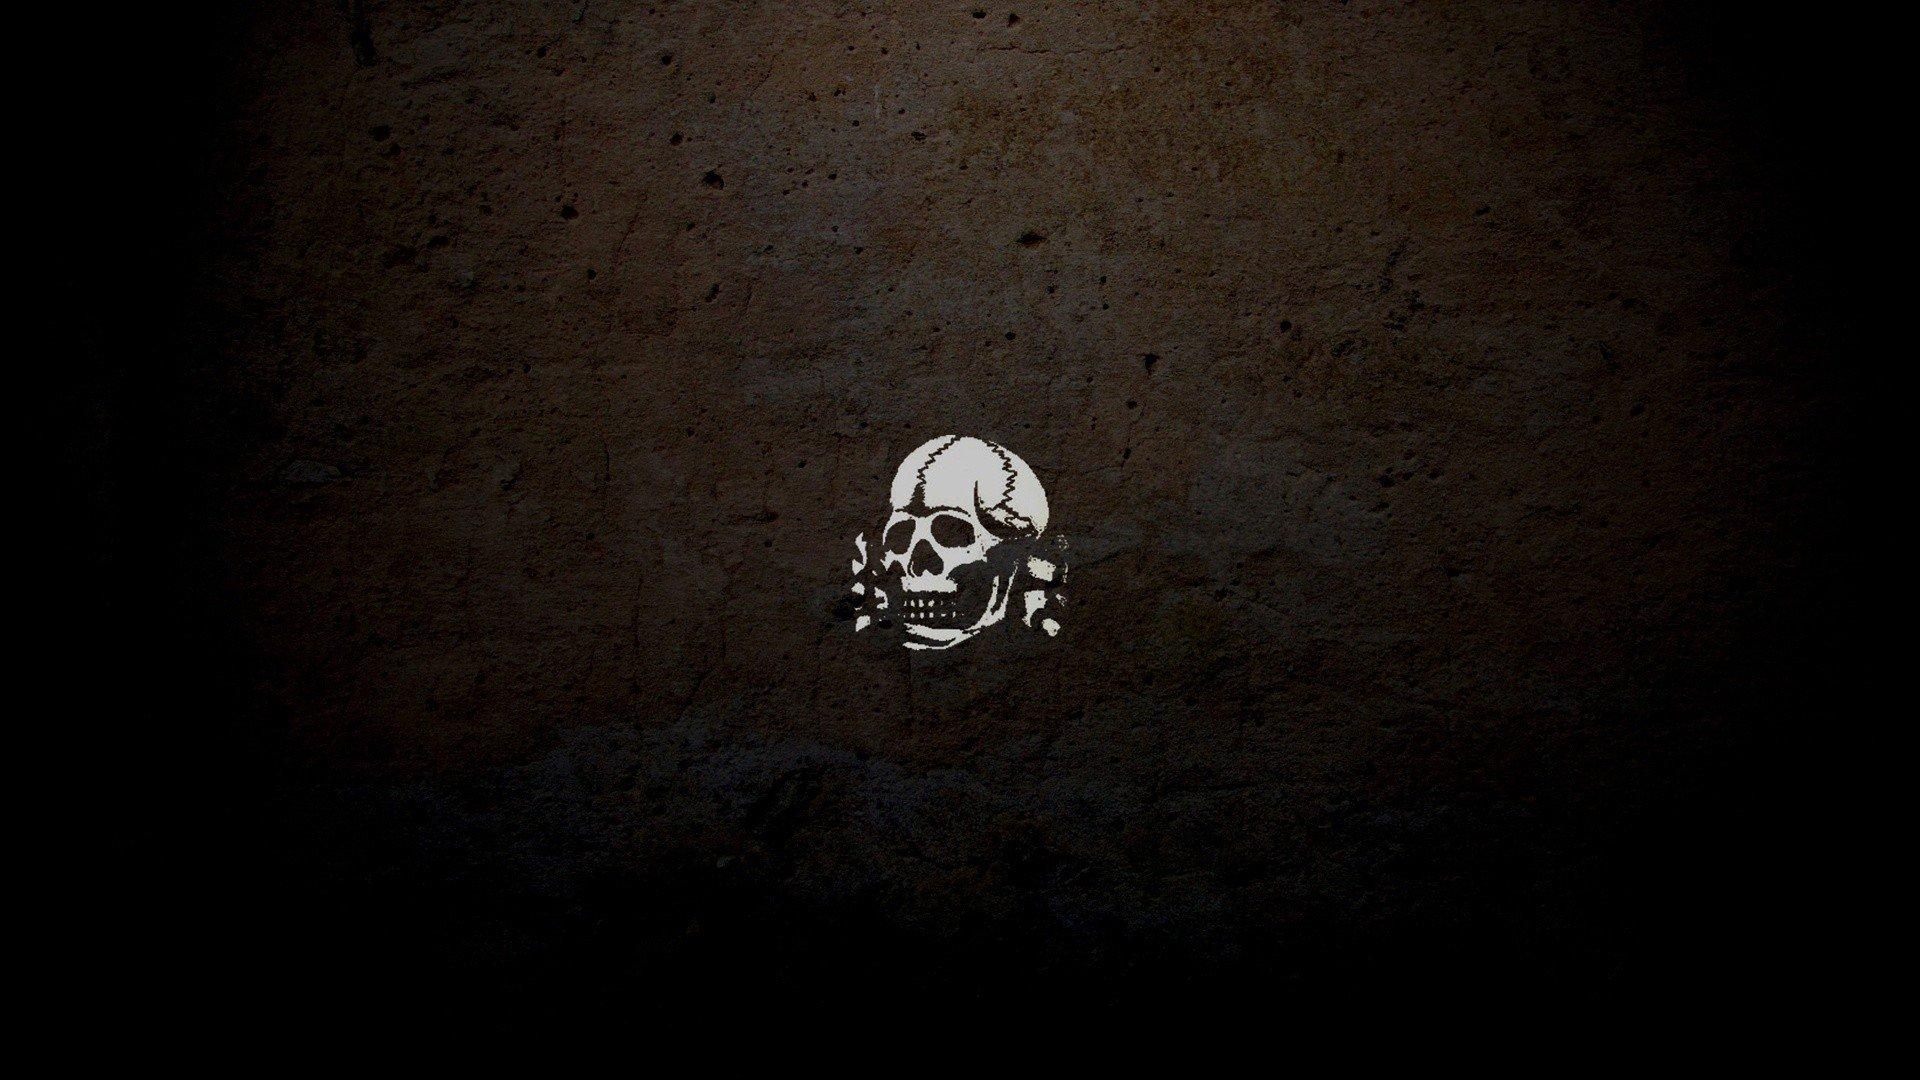 Skull and crossbones wallpaper   1920x1080   286535 ...